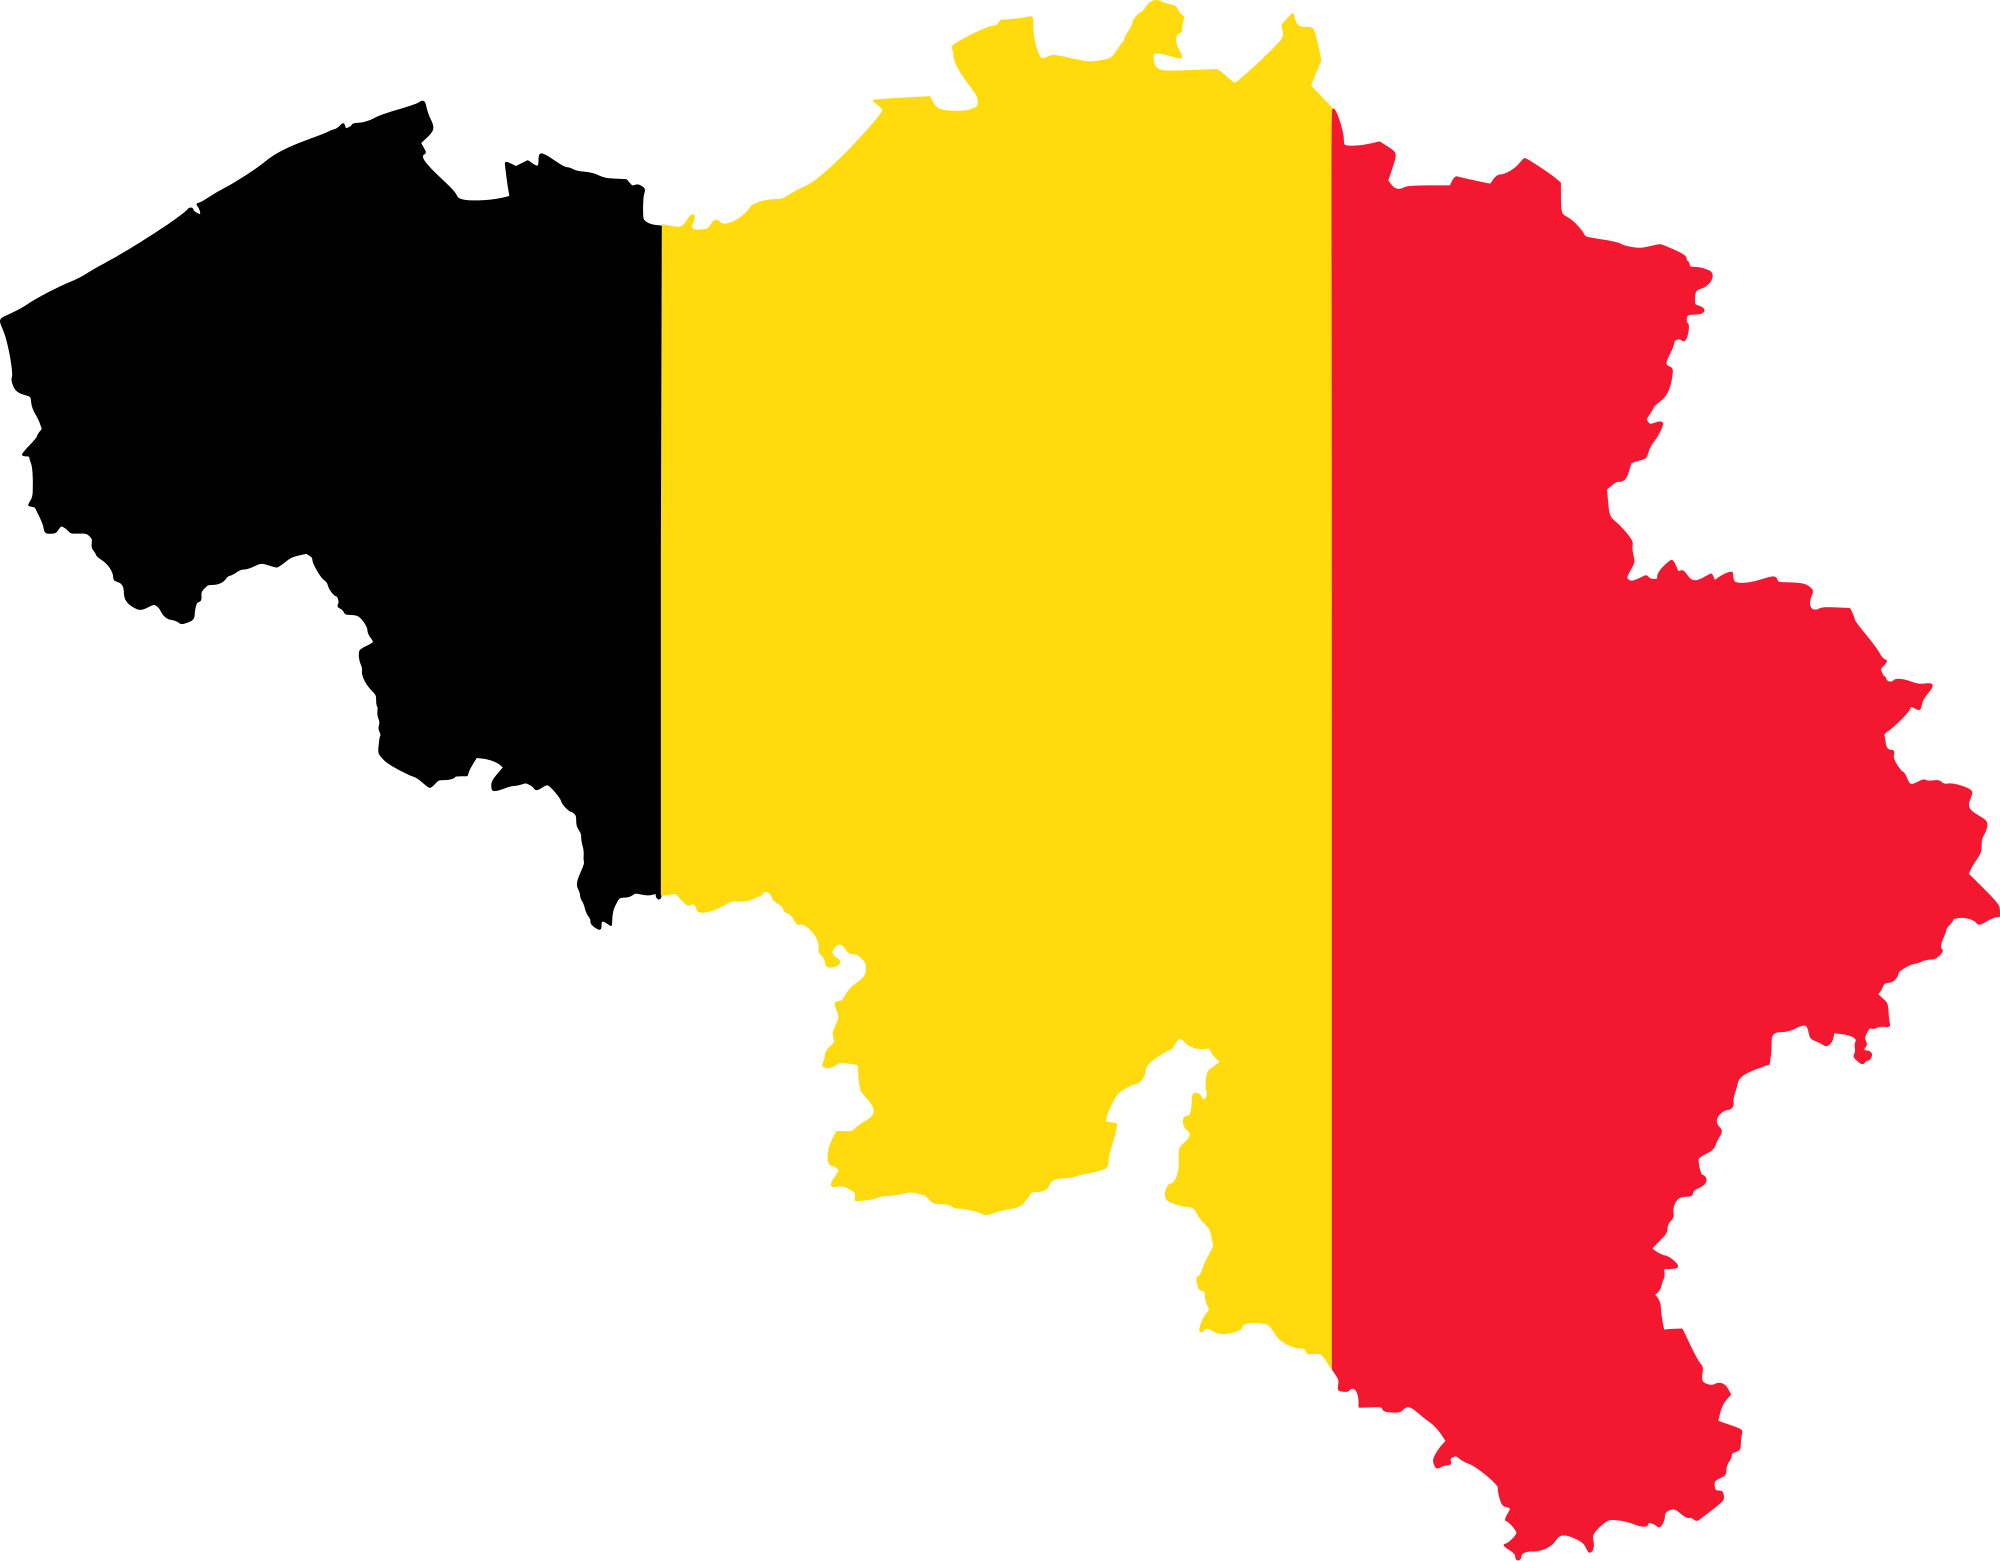 Verdediger van een verenigd België -